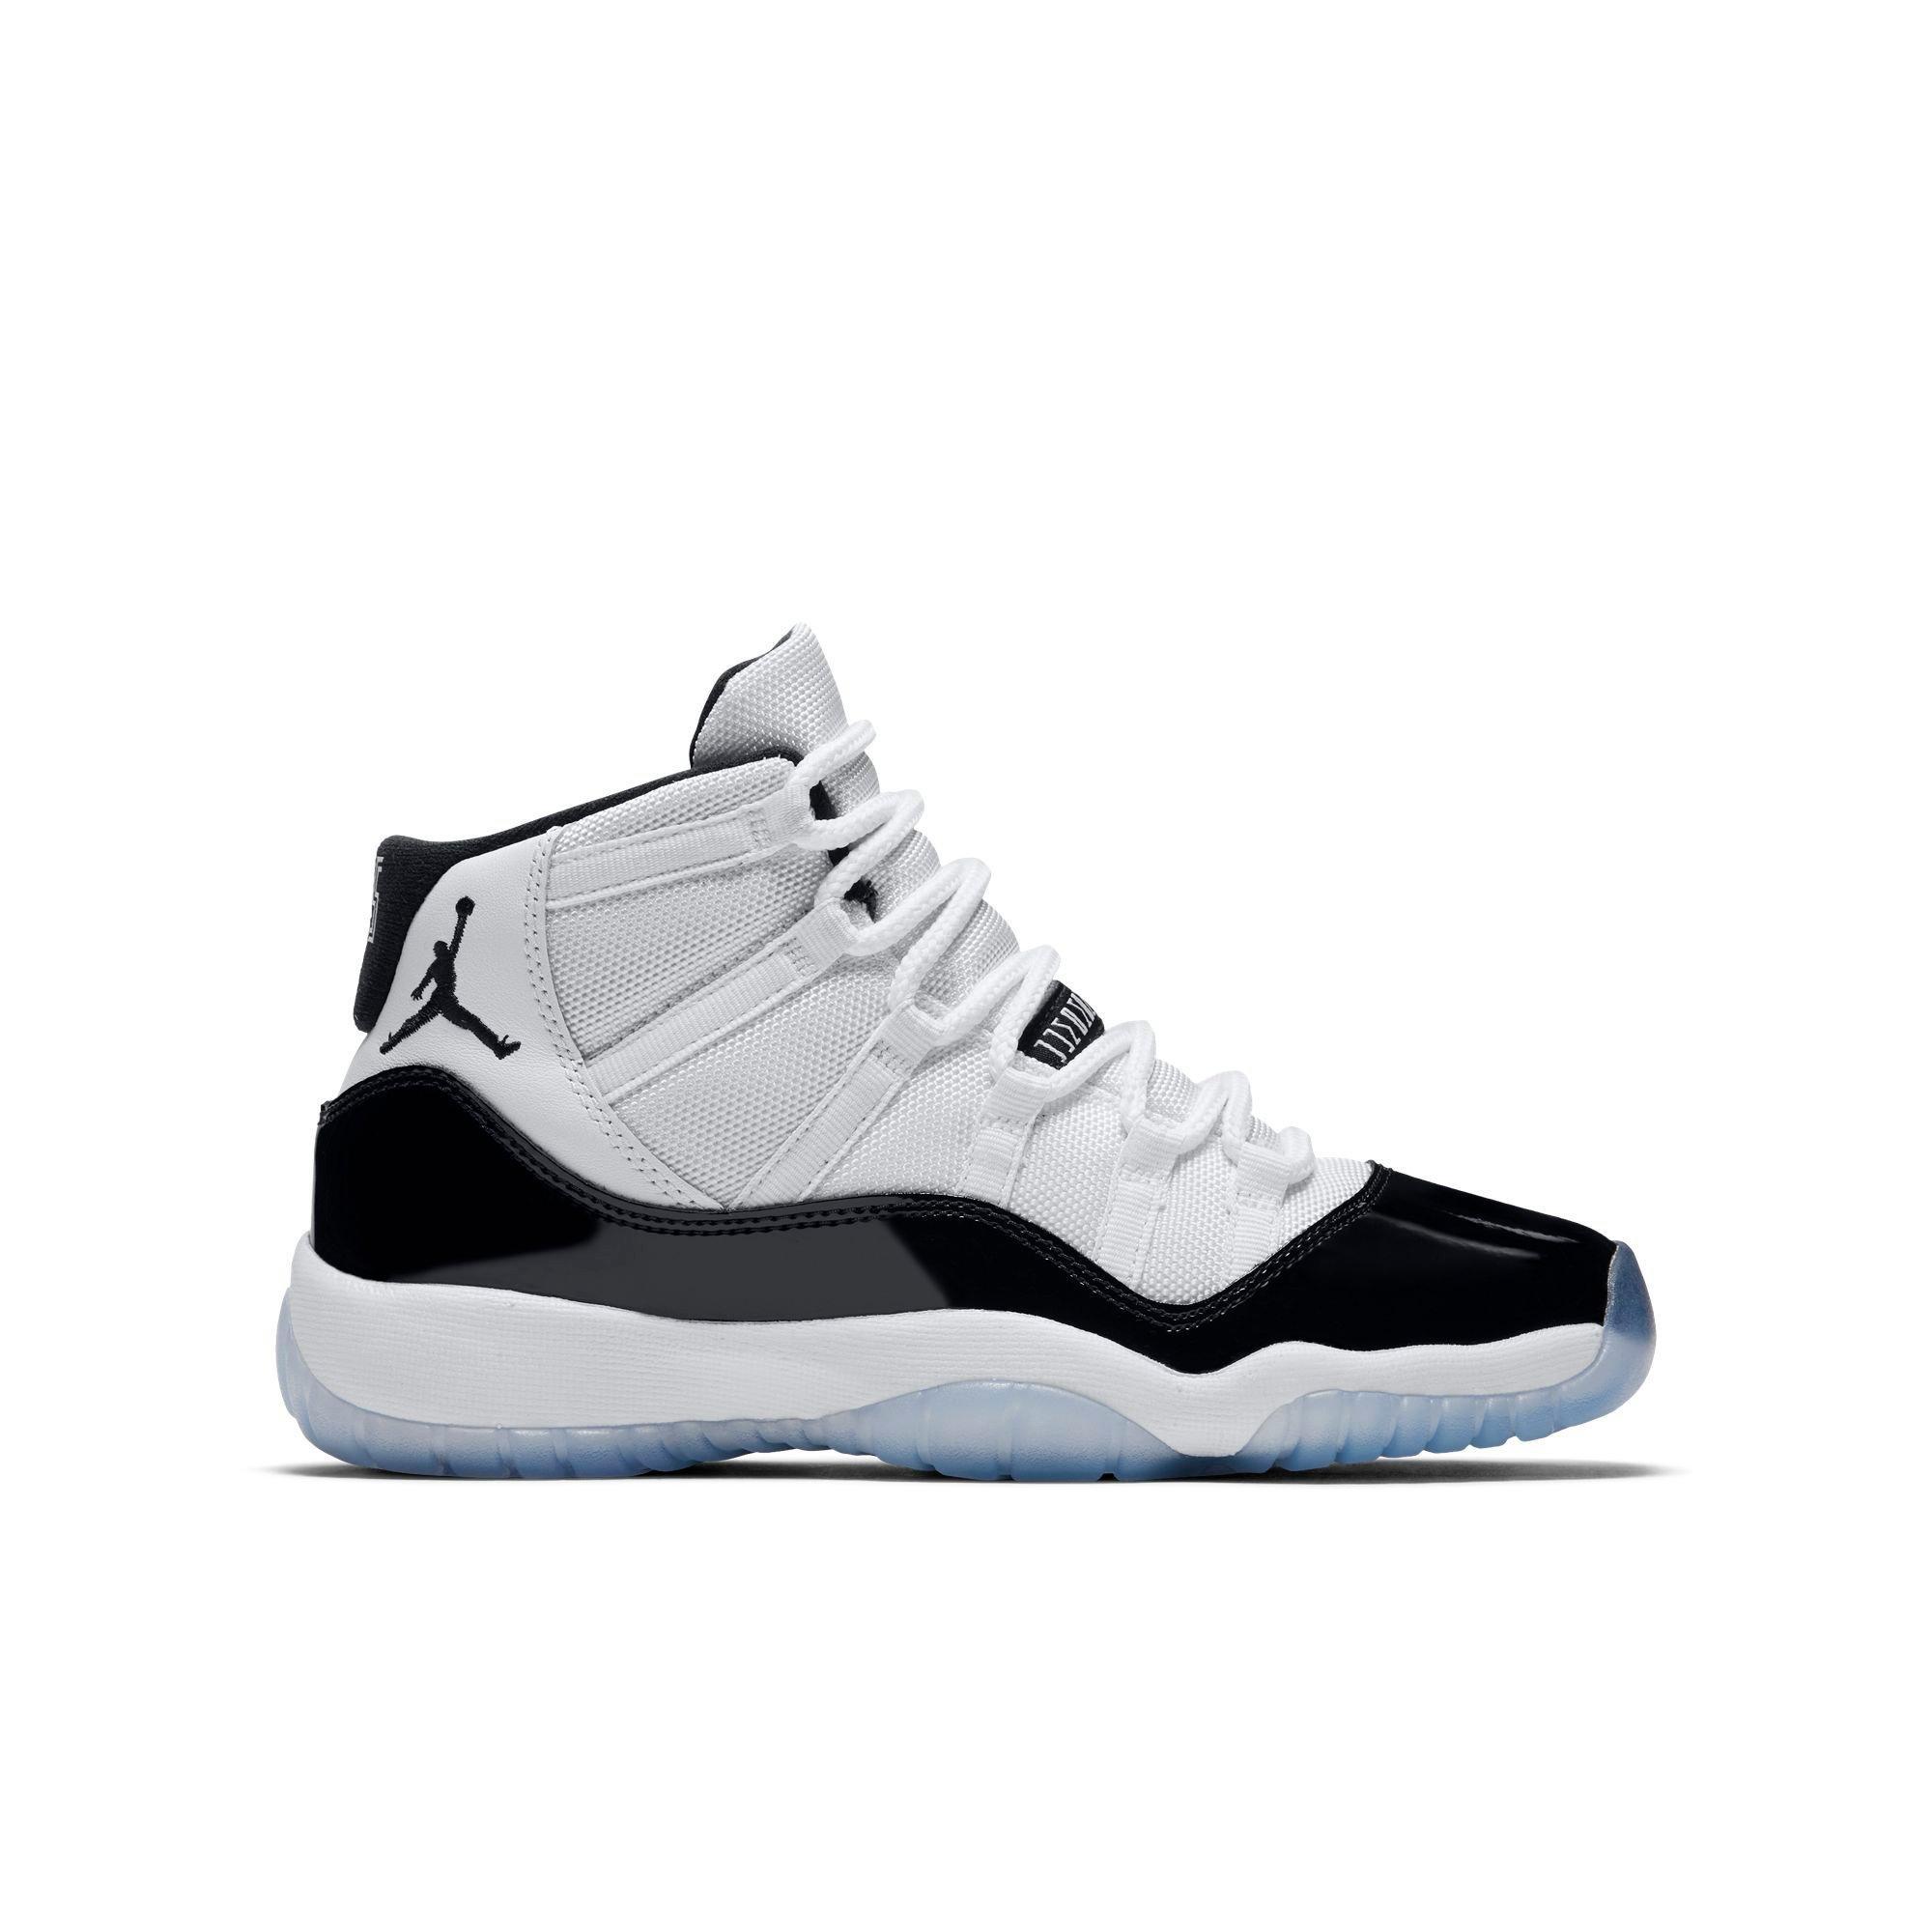 hot sale online 28ea8 71f80 Nike Zoom LeBron 14 XIV EP Cool Gray Men Basketball Shoes ...